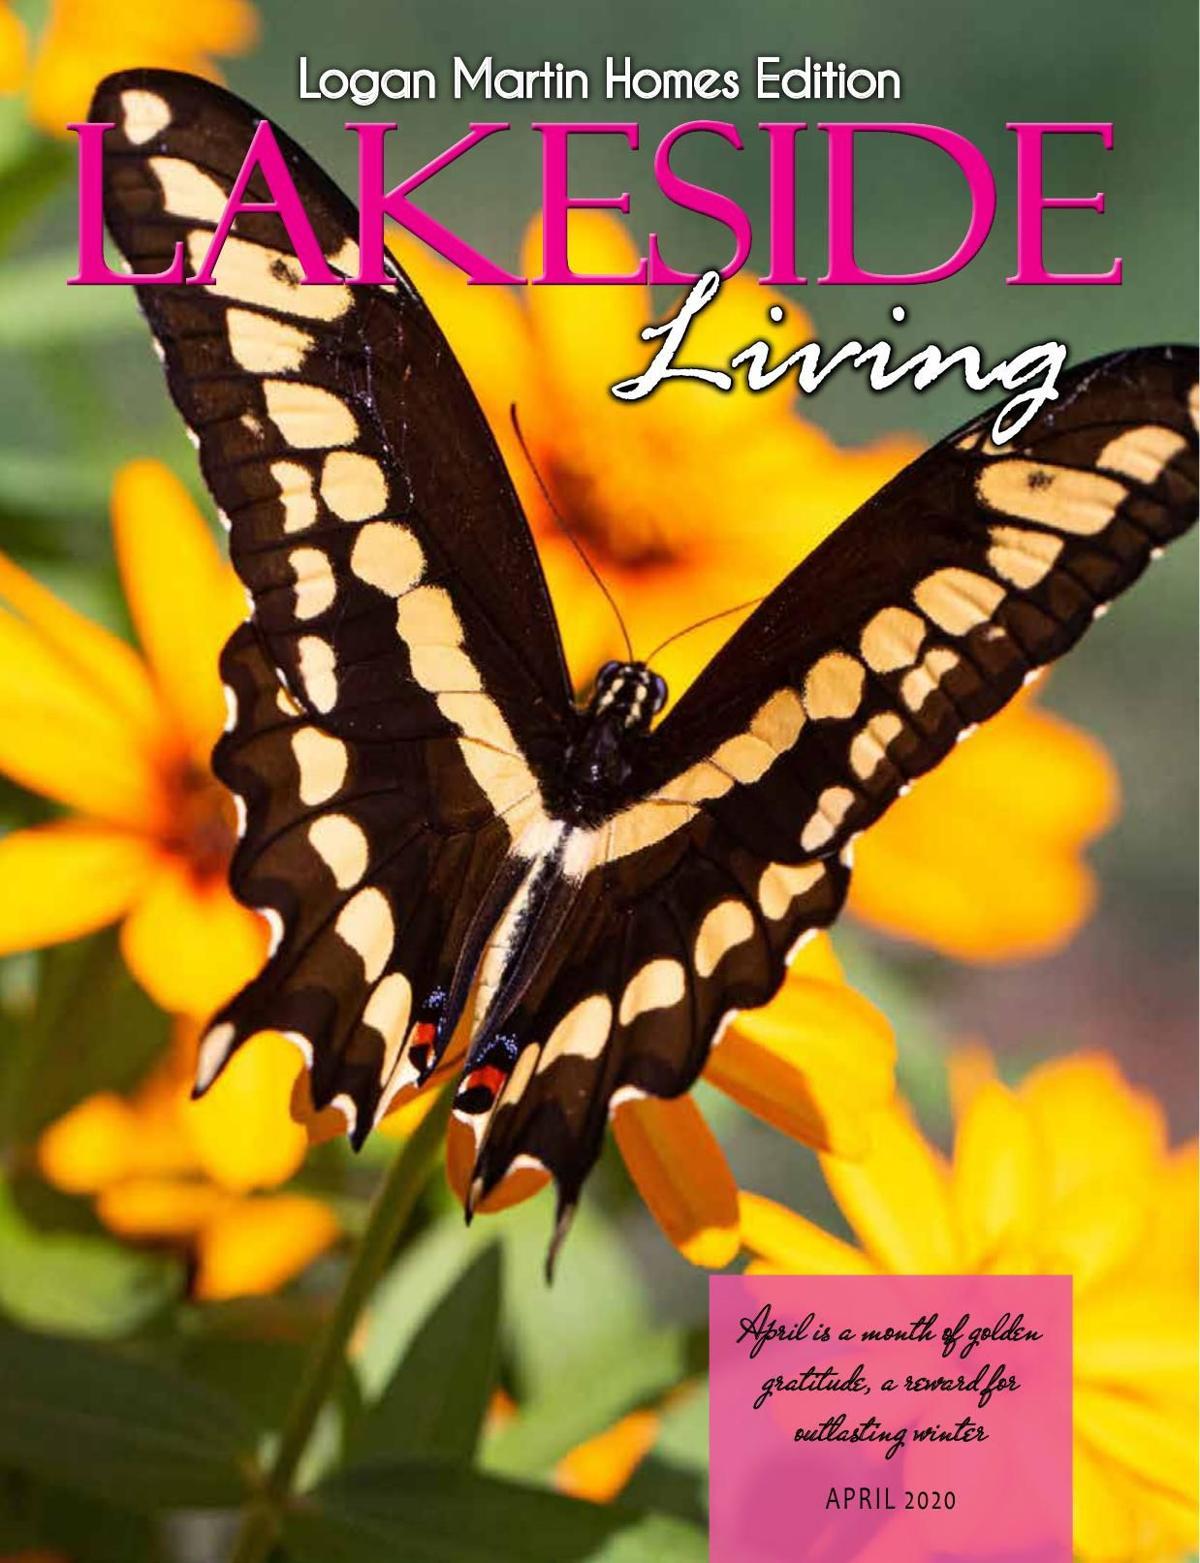 Lakeside Living April 2020